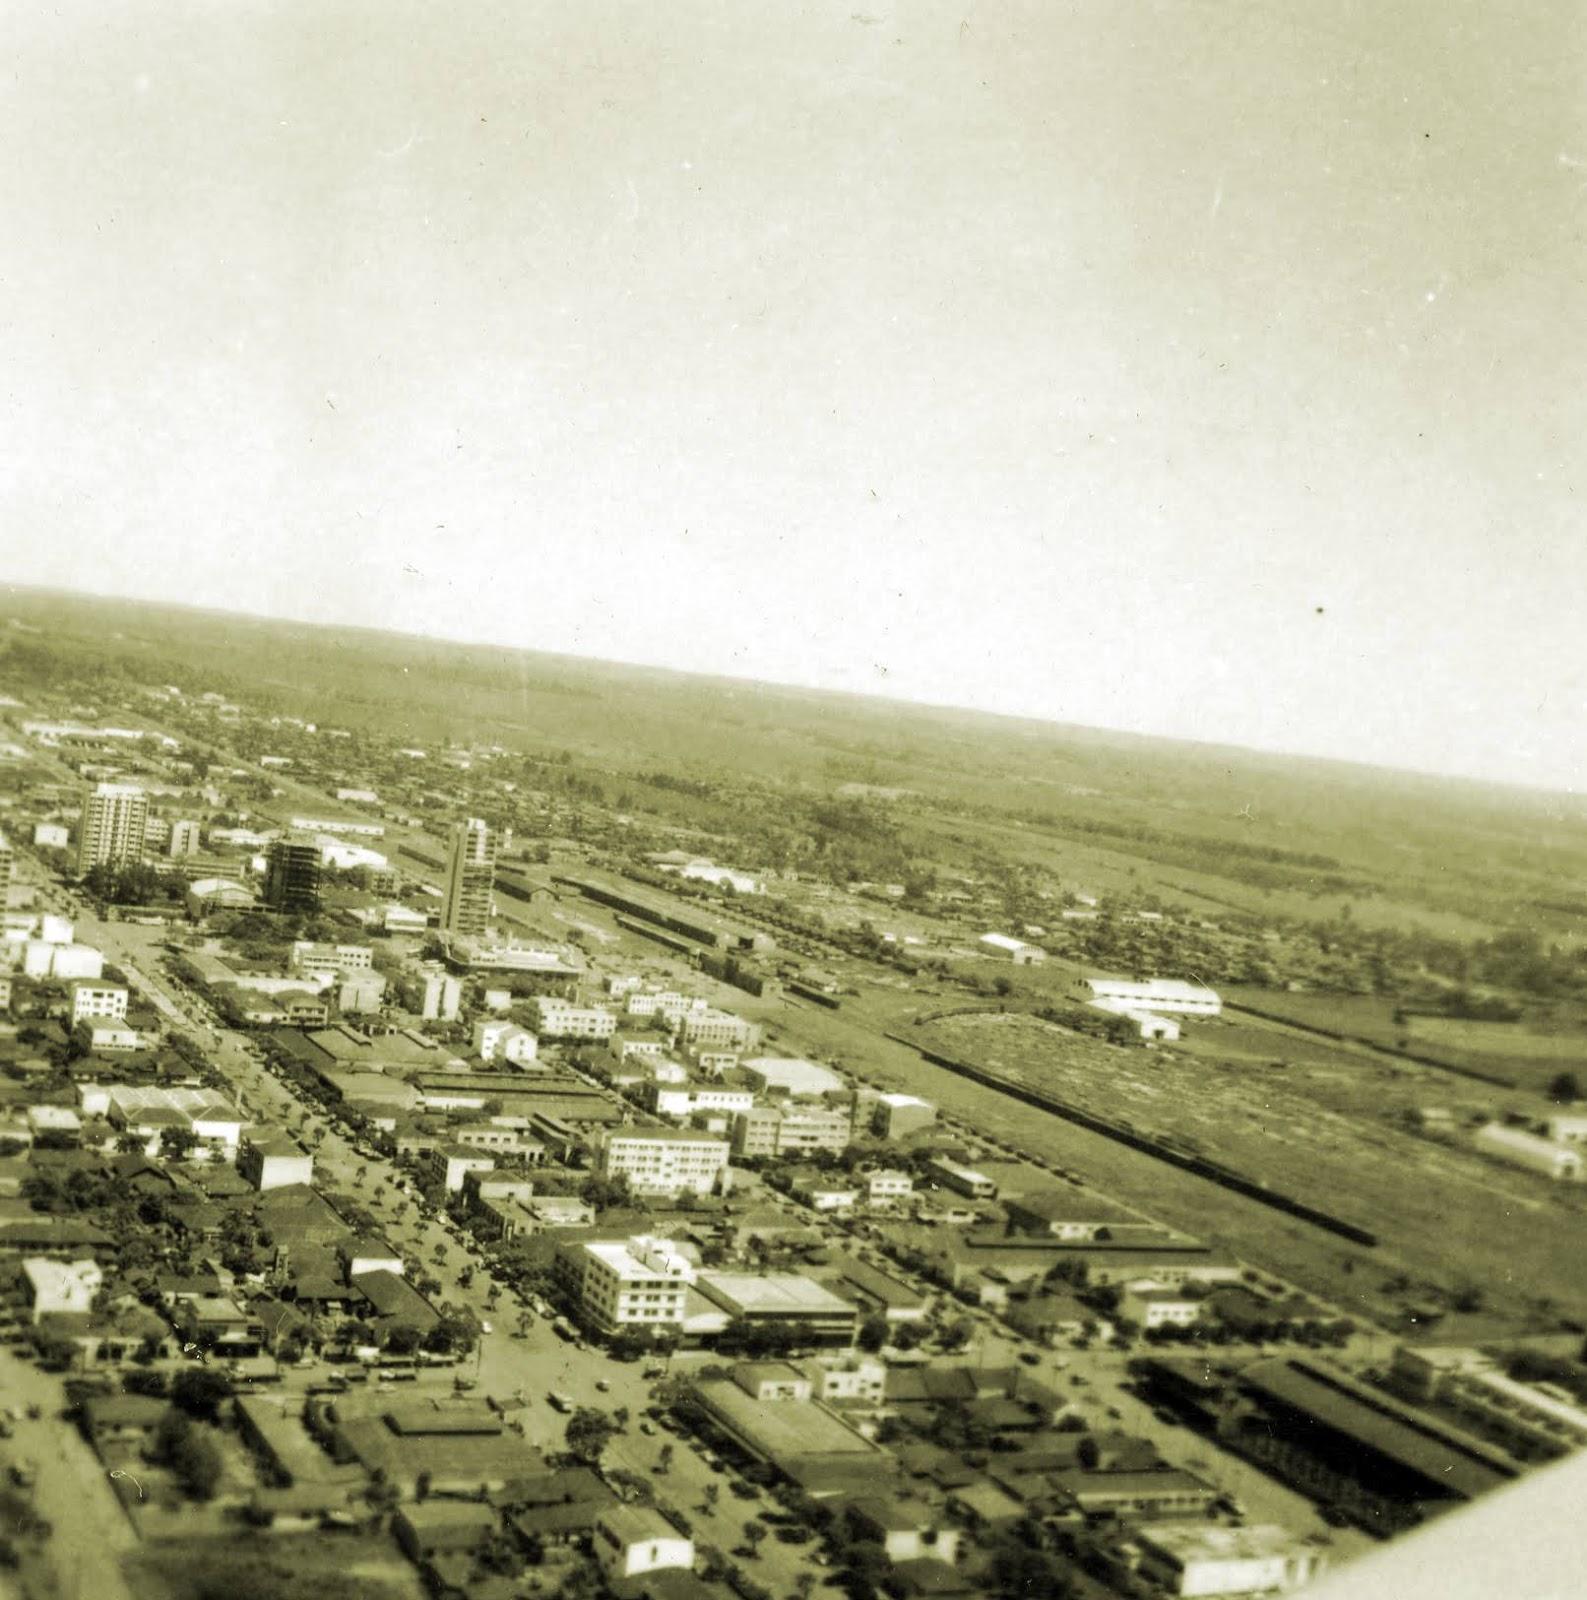 Vista aérea de Maringá - Final da década de 1960 (sob outro ângulo)